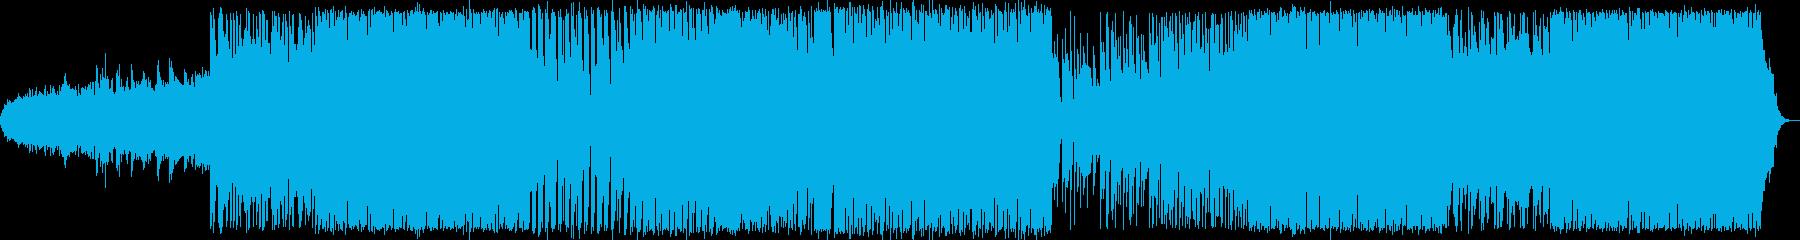 さわやかな80年代風エレクトロポップの再生済みの波形